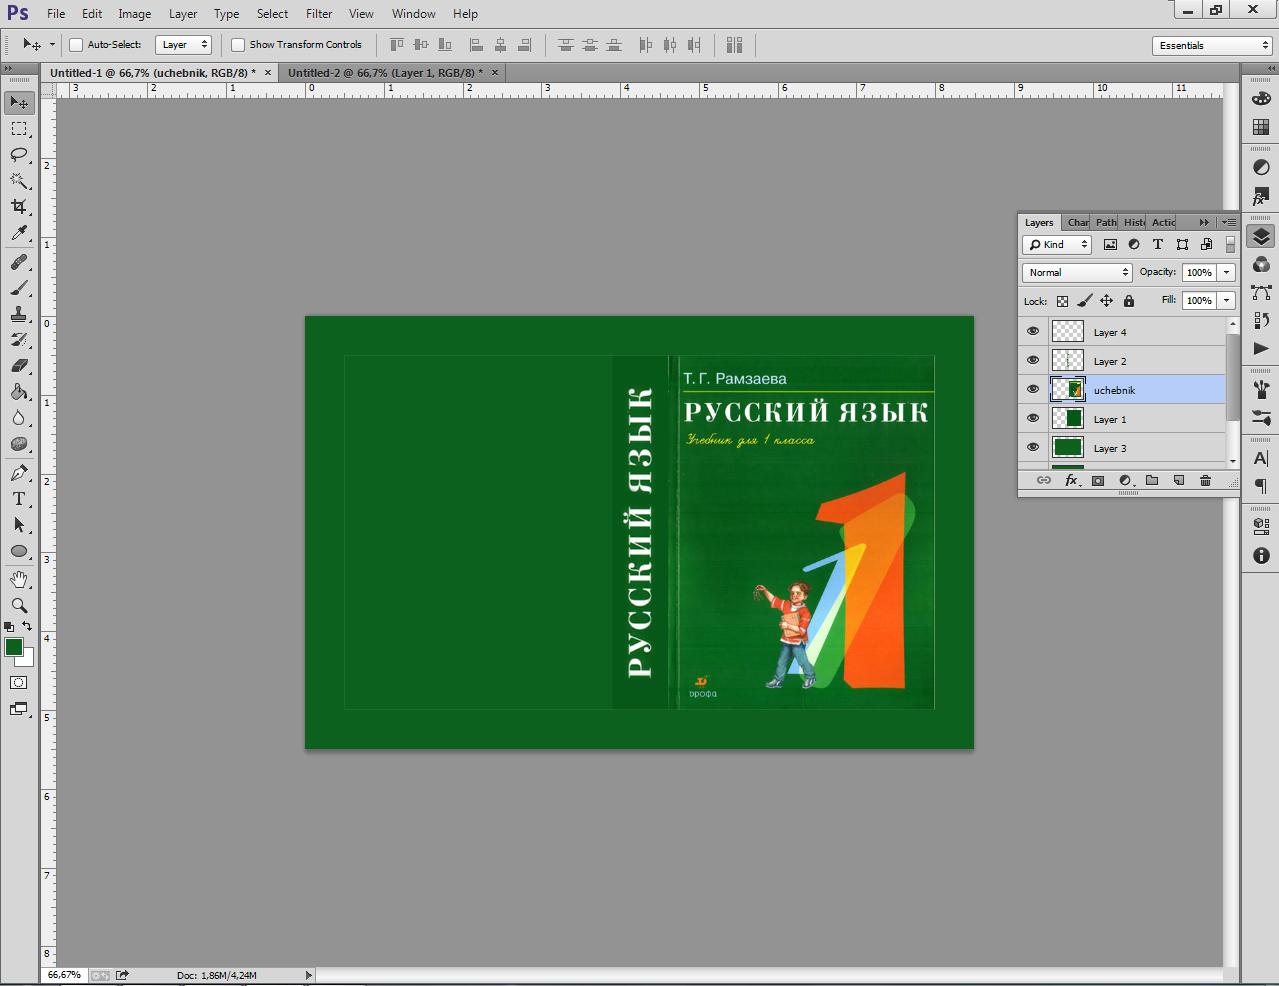 Полосатая Коробка: Как сделать обложку для миниатюрной книги. Часть 1: создаем обложку в Фотошопе